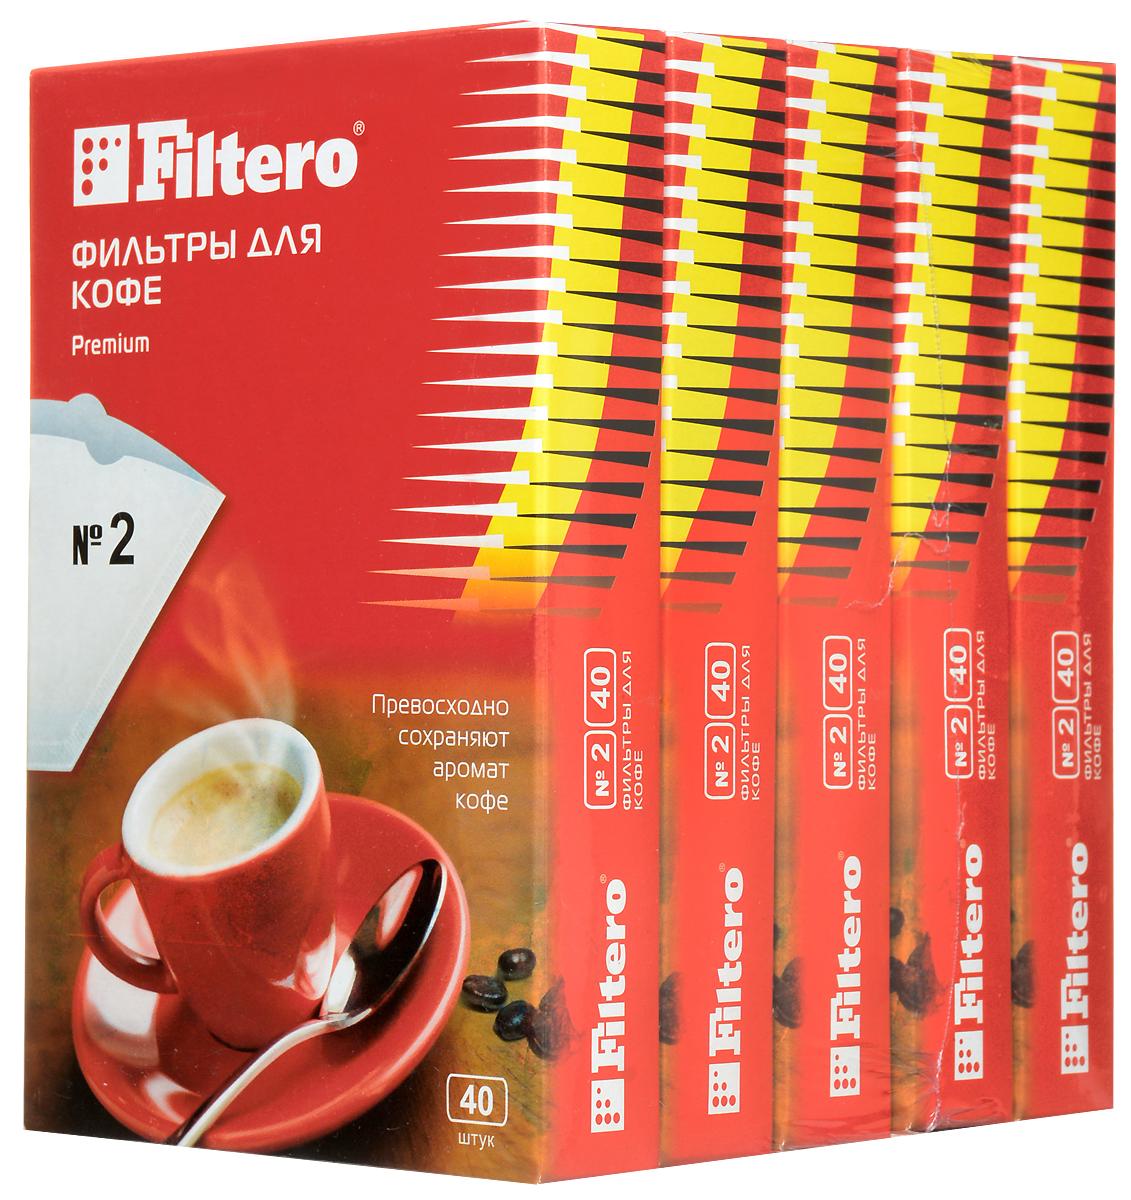 Filtero Premium №2 комплект фильтров для кофеварок, 200 шт2/200Бумажные одноразовые фильтры Filtero Premium №2 предназначены для кофеварок капельного типа на 6-8 чашек и для чашки-кофеварки Filtero. Превосходно сохраняют аромат и оригинальный вкус кофе. Фильтры высочайшего качества, абсолютно белые, выполнены по всем стандартам.